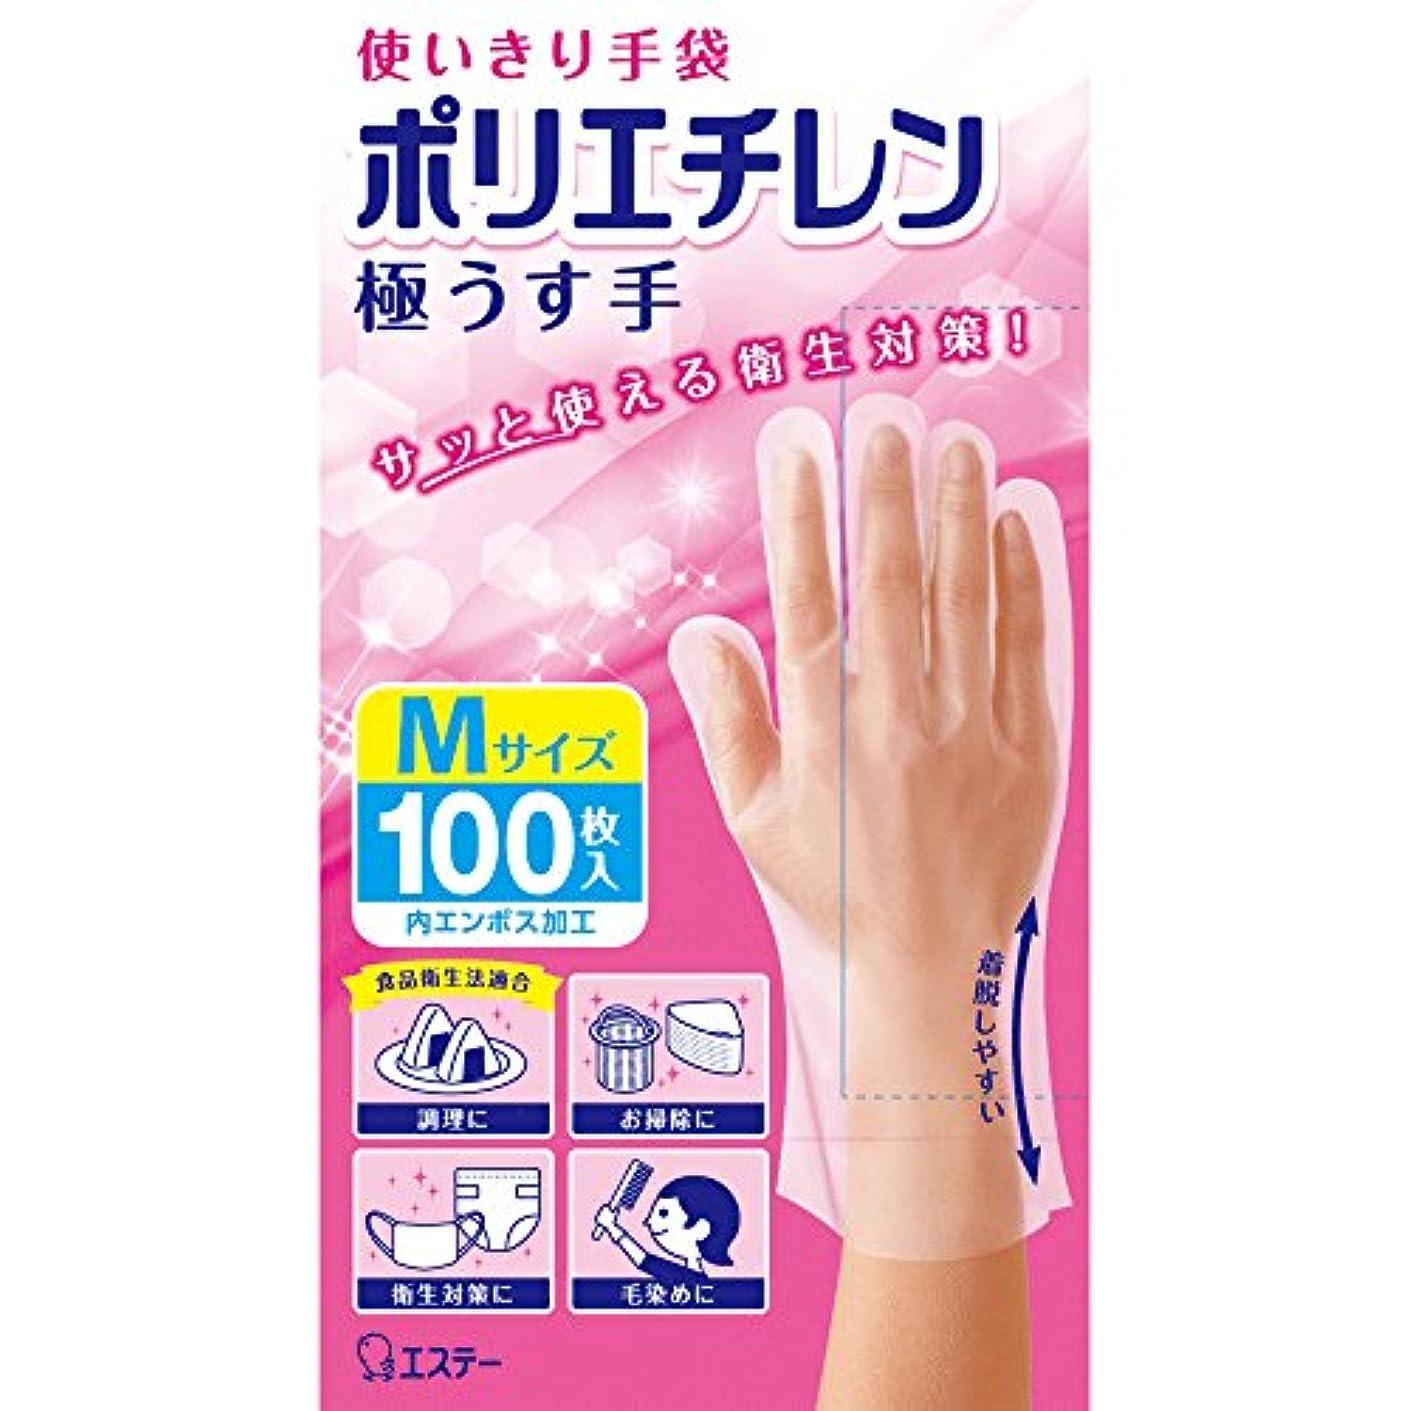 シュガー補助先史時代の使いきり手袋 ポリエチレン 極うす手 Mサイズ 半透明 100枚